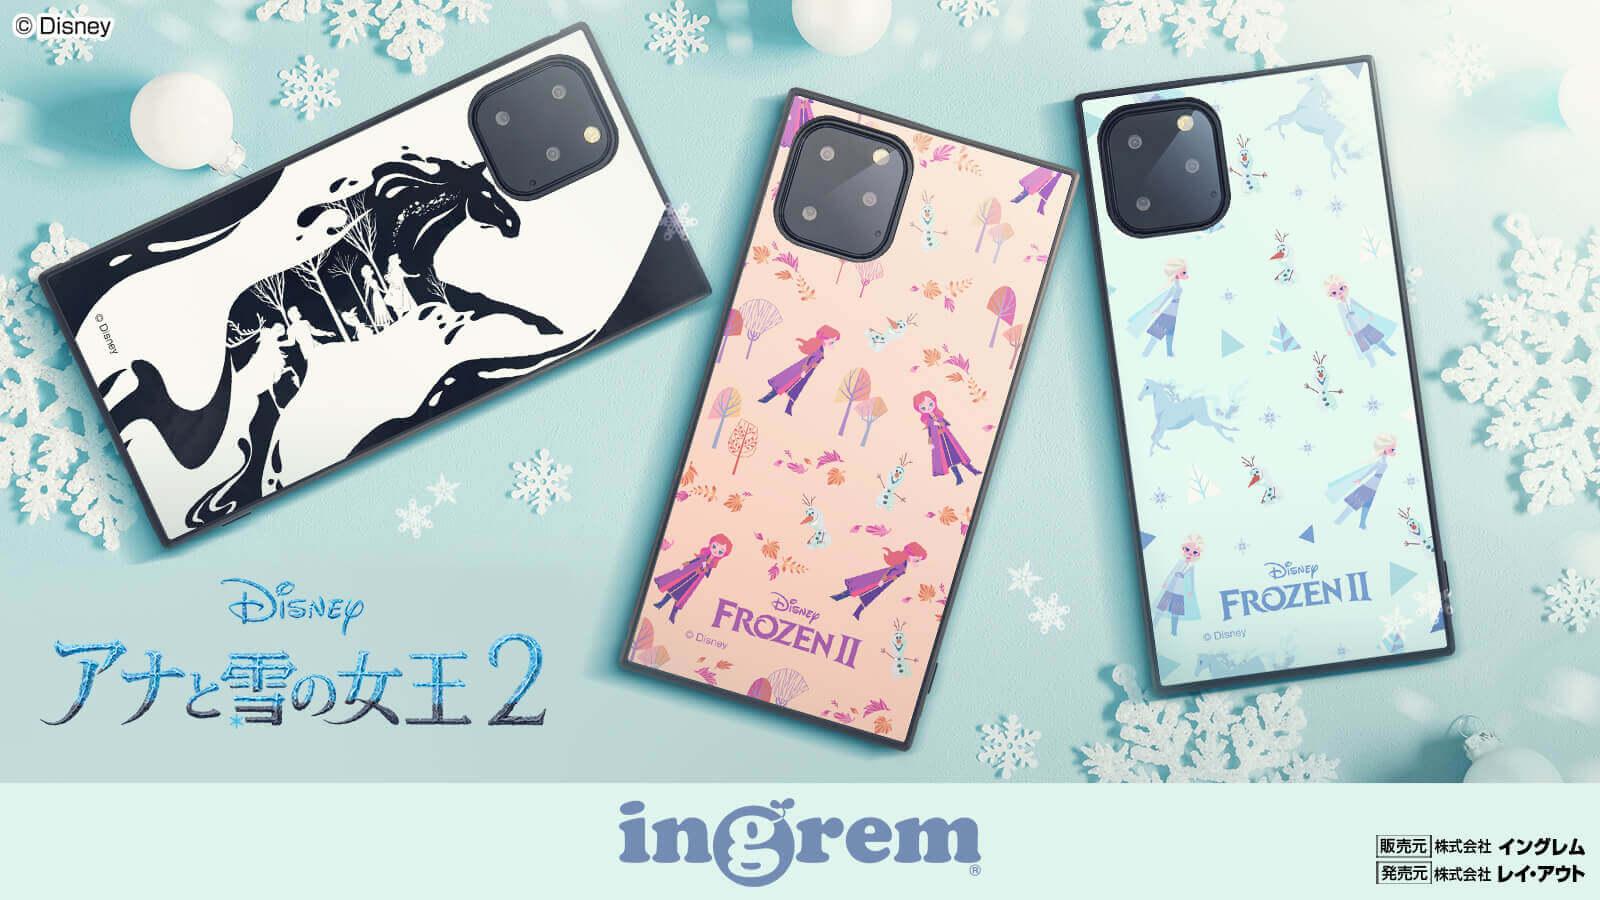 「アナと雪の女王2」デザインスマホケース